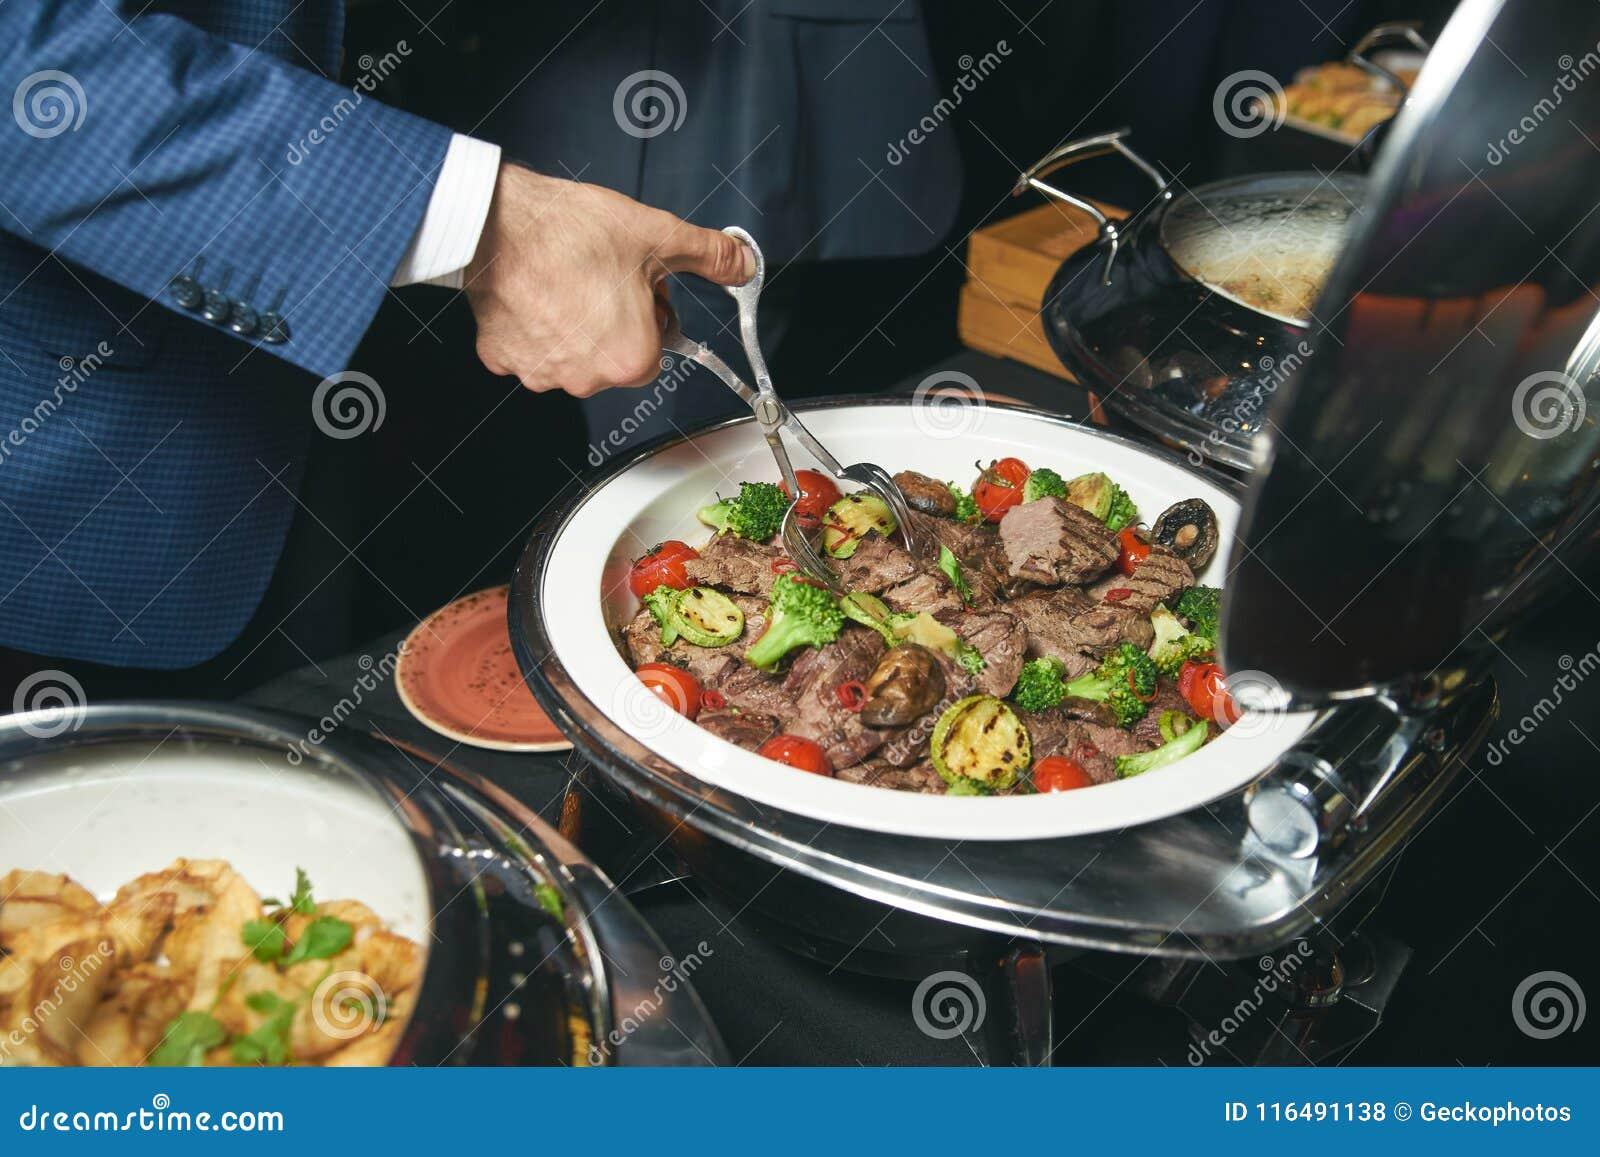 Catering buffet food indoor in luxury restaurant